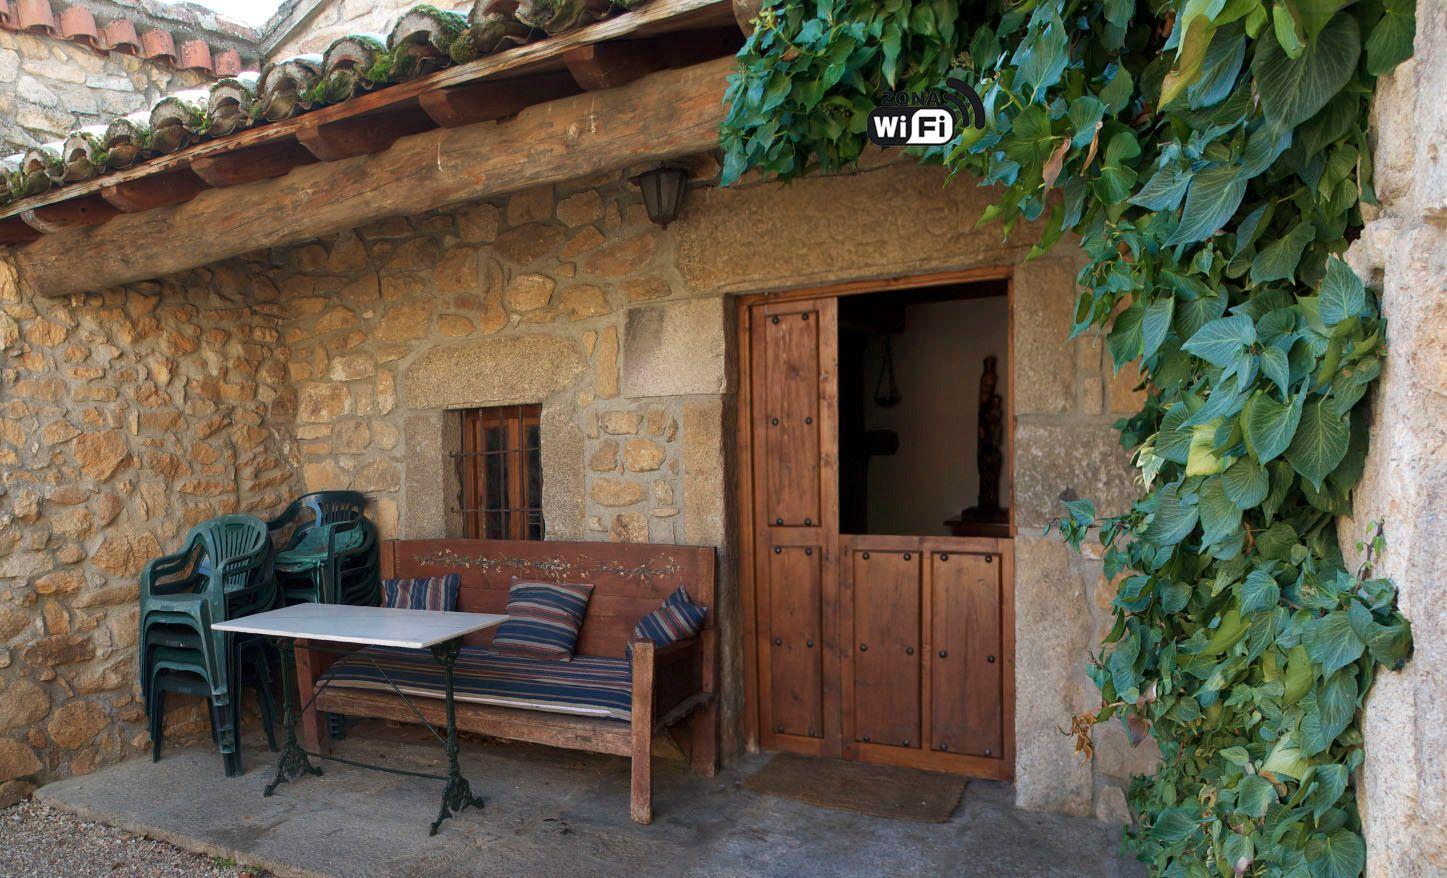 Casas rurales buscar con google puertas chulas casas - Casas rurales de madera ...